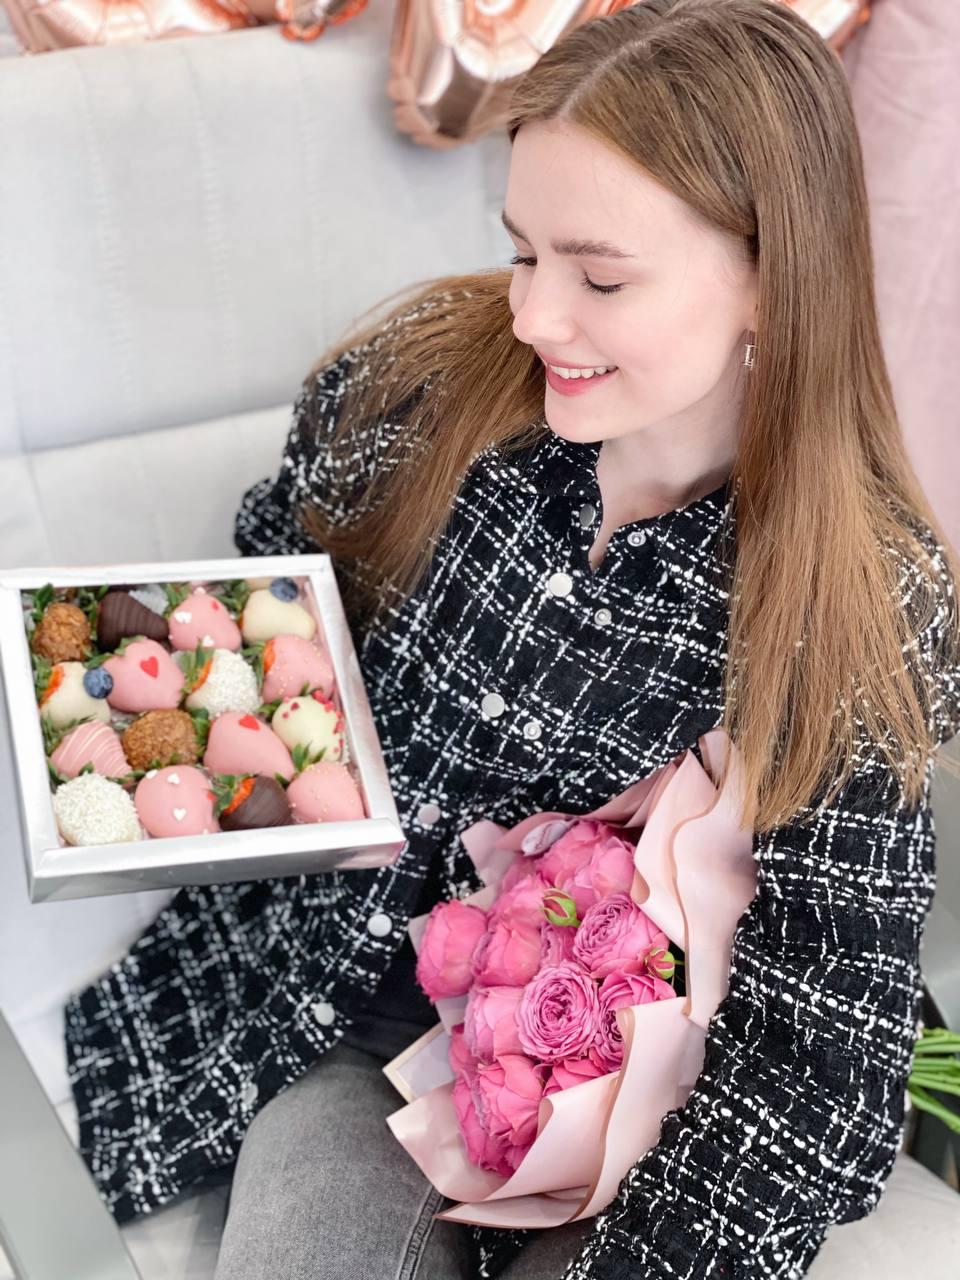 клубника в шоколадке с цветами Калининград